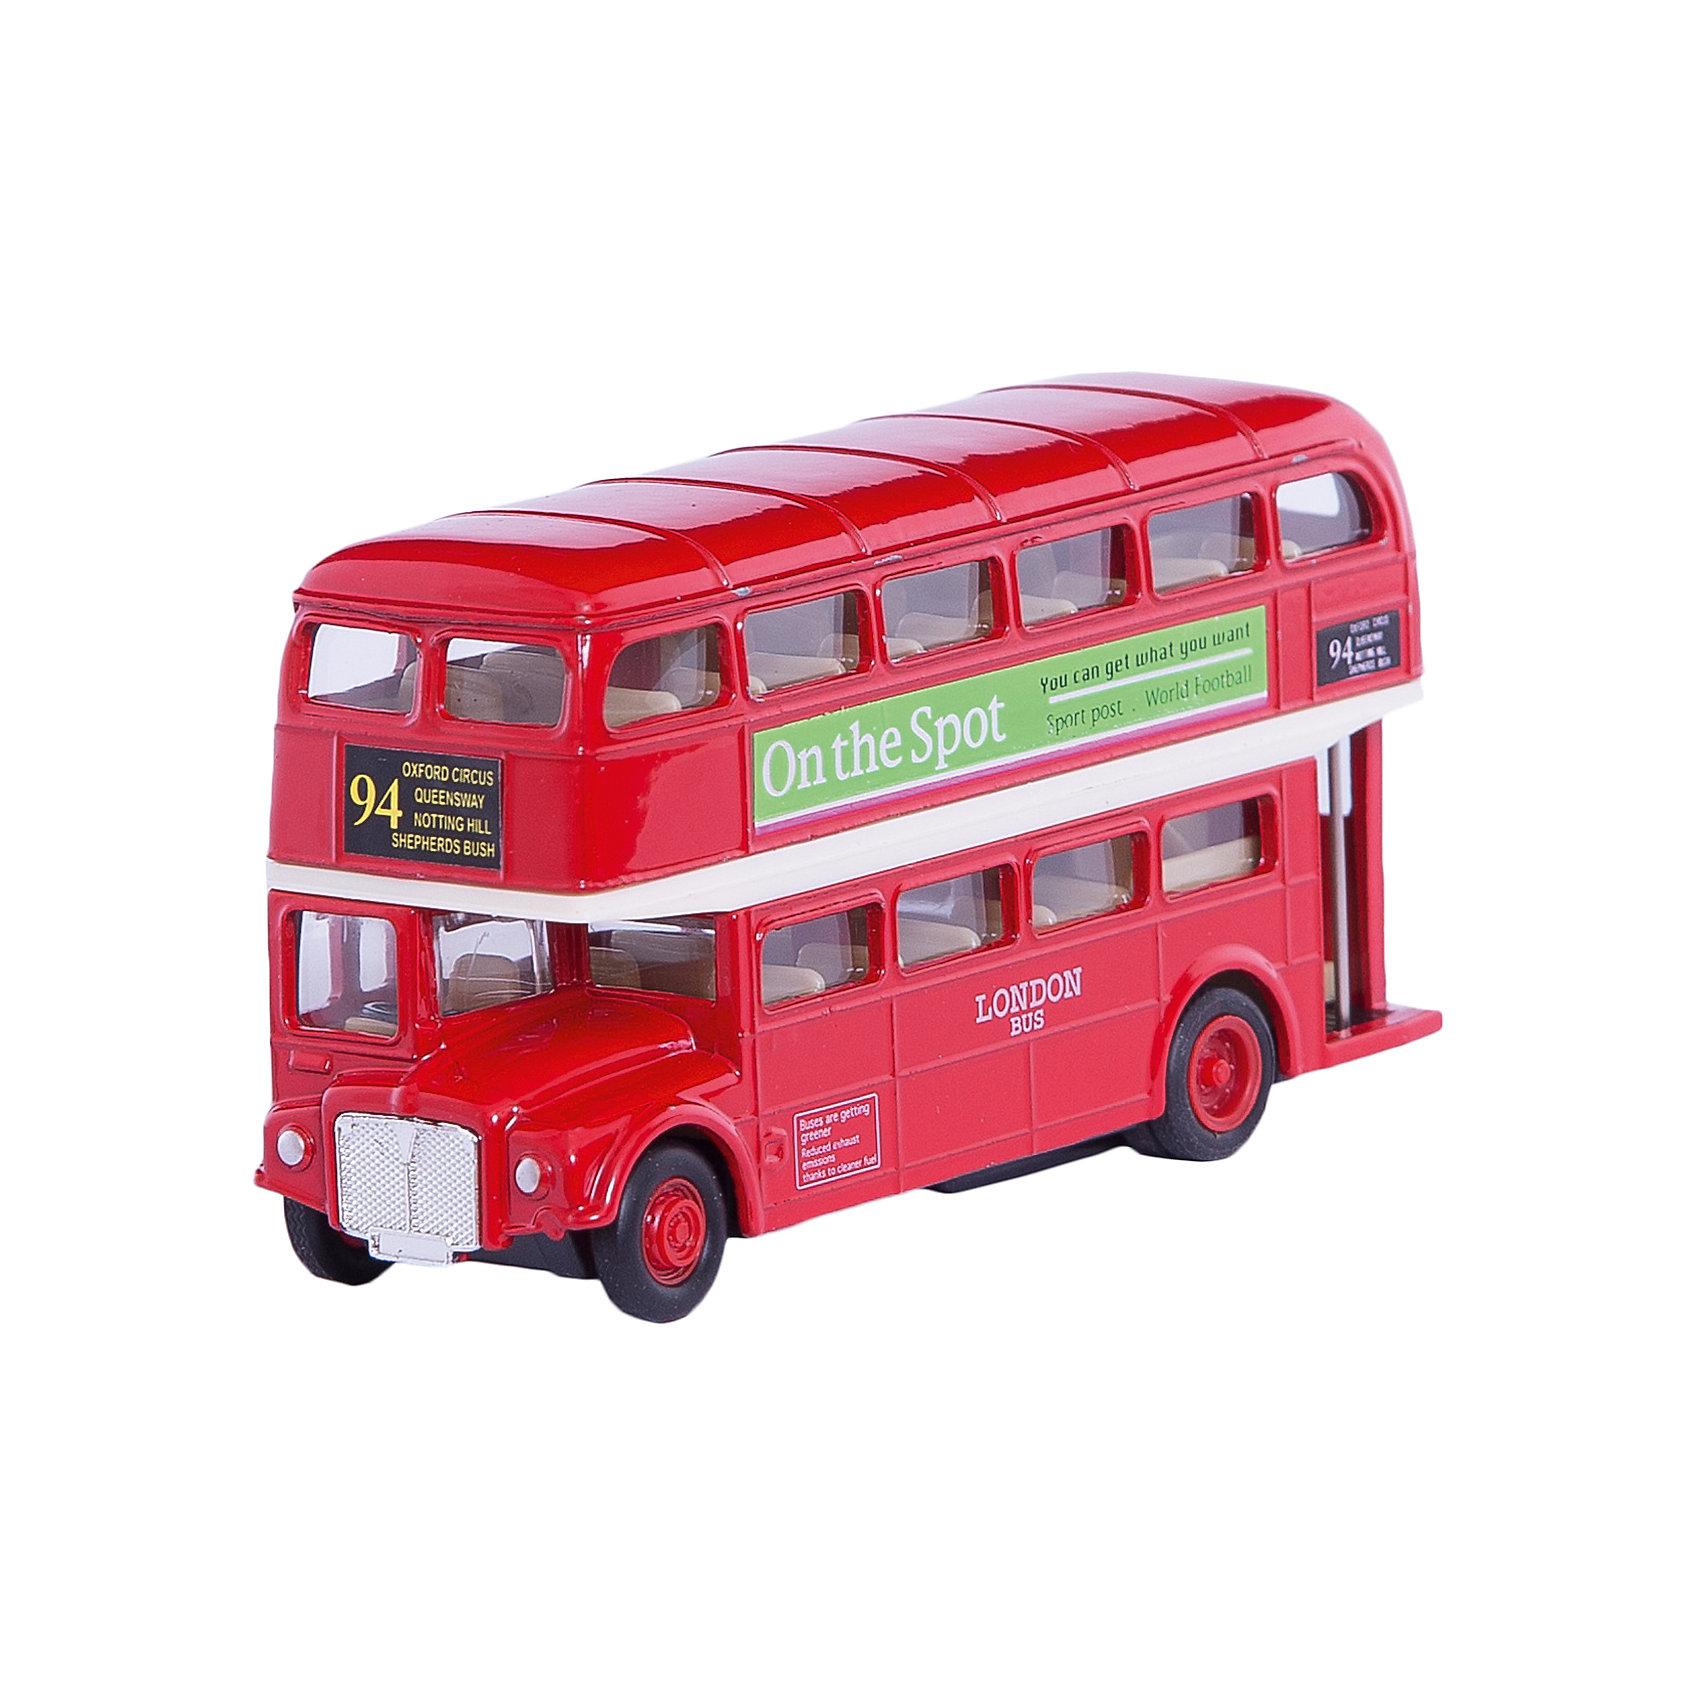 Модель автобуса  London Bus, WellyКоллекционные модели<br>Модель автобуса от производителя Welly 1:60-64 London Bus<br>Функции: инерционный механизм.<br>Цвет кузова автомобиля представлен в ассортименте. Выбрать определенный цвет заранее не представляется возможным.<br><br>Ширина мм: 45<br>Глубина мм: 130<br>Высота мм: 160<br>Вес г: 264<br>Возраст от месяцев: 36<br>Возраст до месяцев: 192<br>Пол: Мужской<br>Возраст: Детский<br>SKU: 4966567